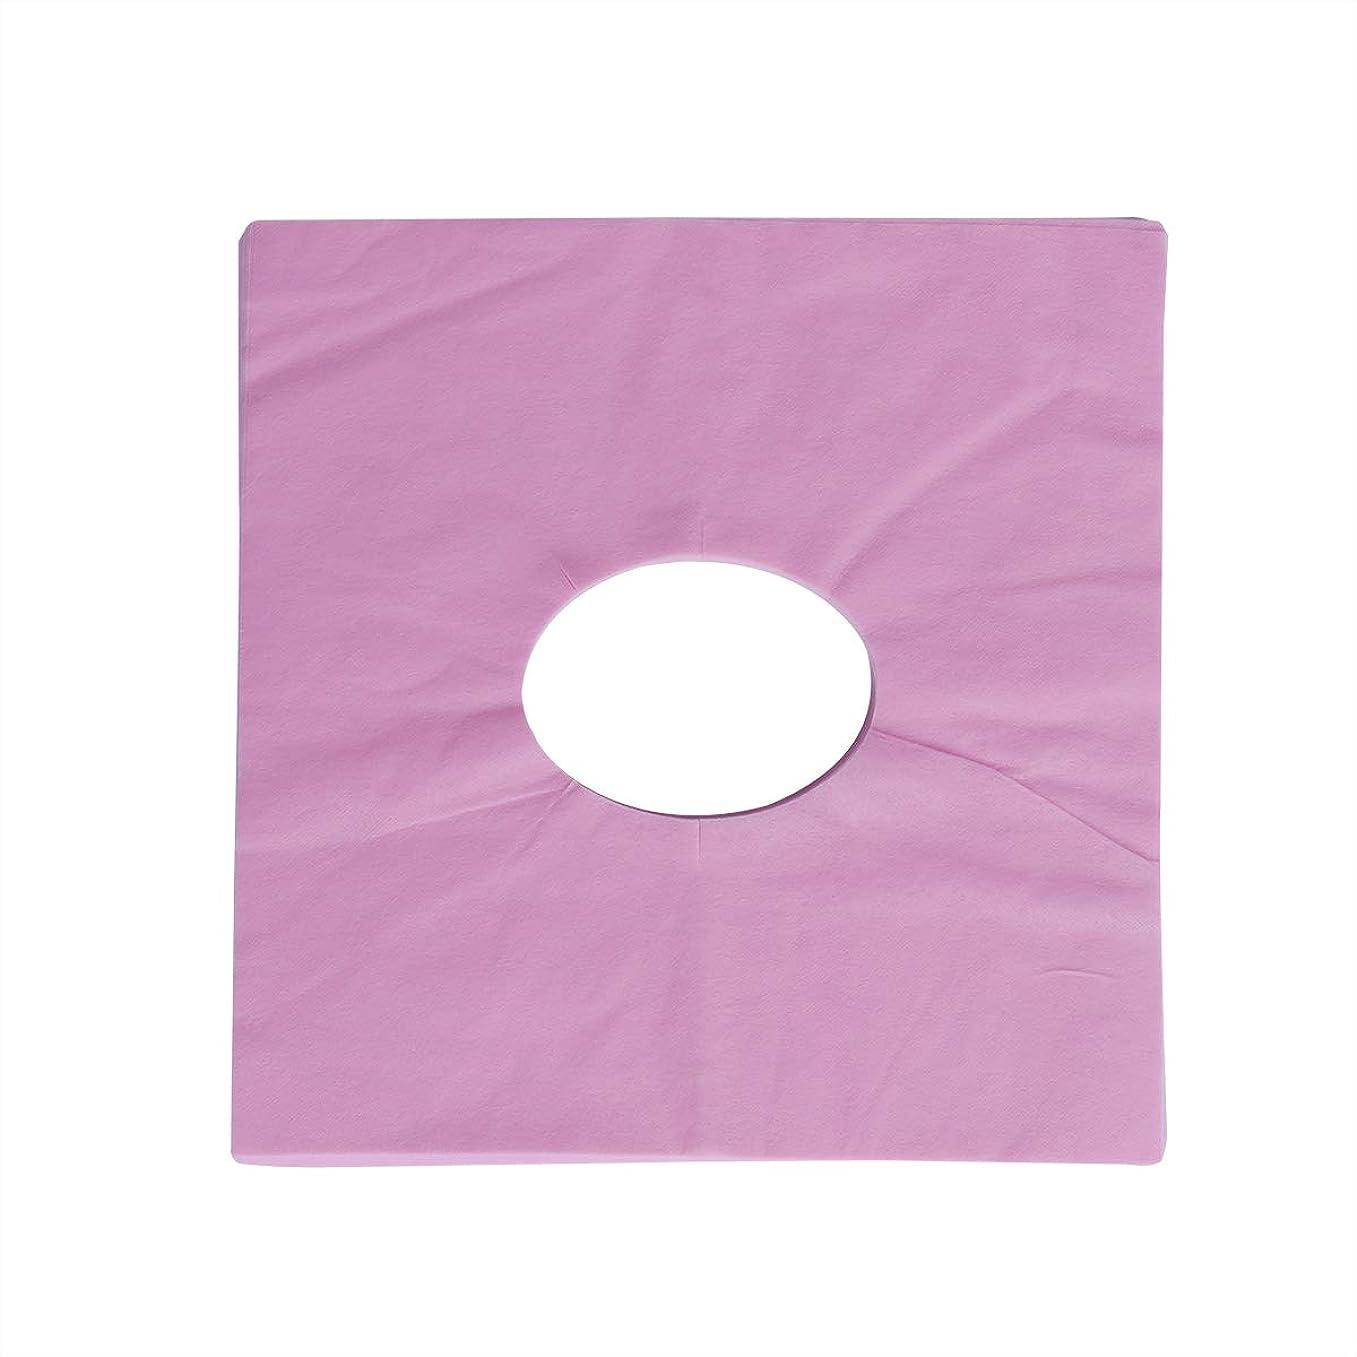 葉を拾うボトルまとめるHealifty 100ピース使い捨てマッサージフェイスクレードルカバーフェイスマッサージヘッドレストカバースパ用美容院マッサージ(ピンク)